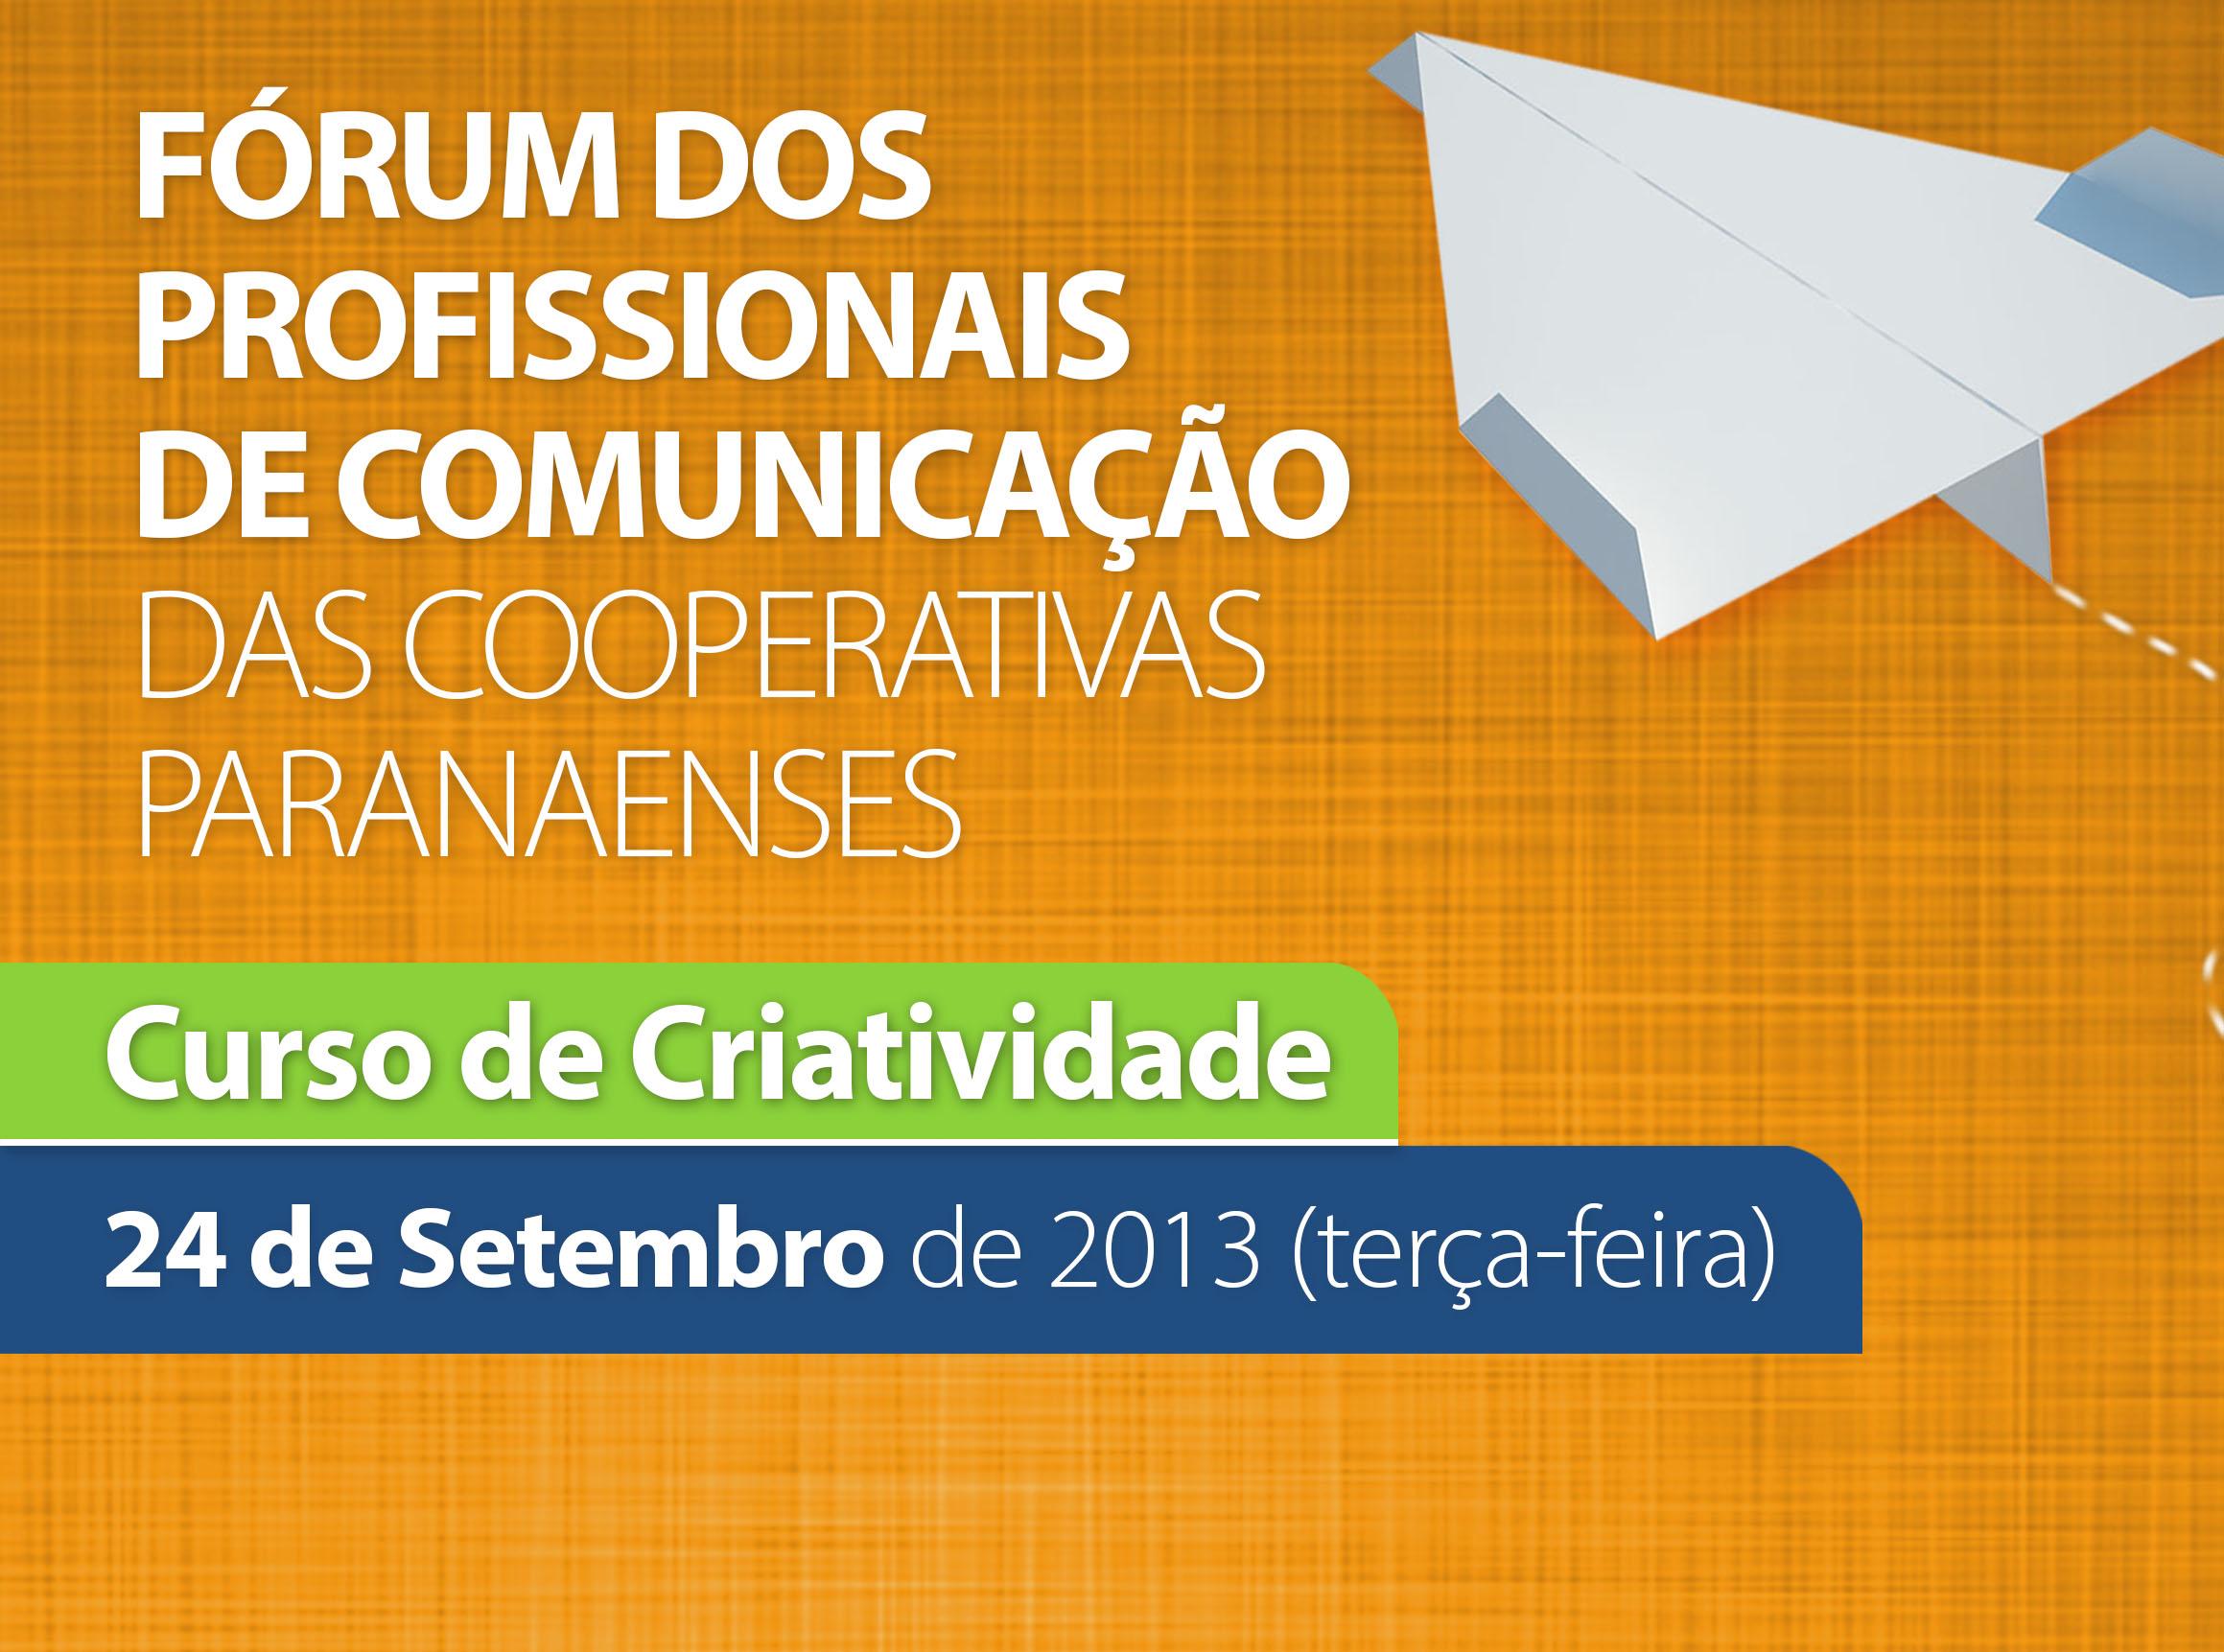 Site Destaque Forum De Com 12 09 2013